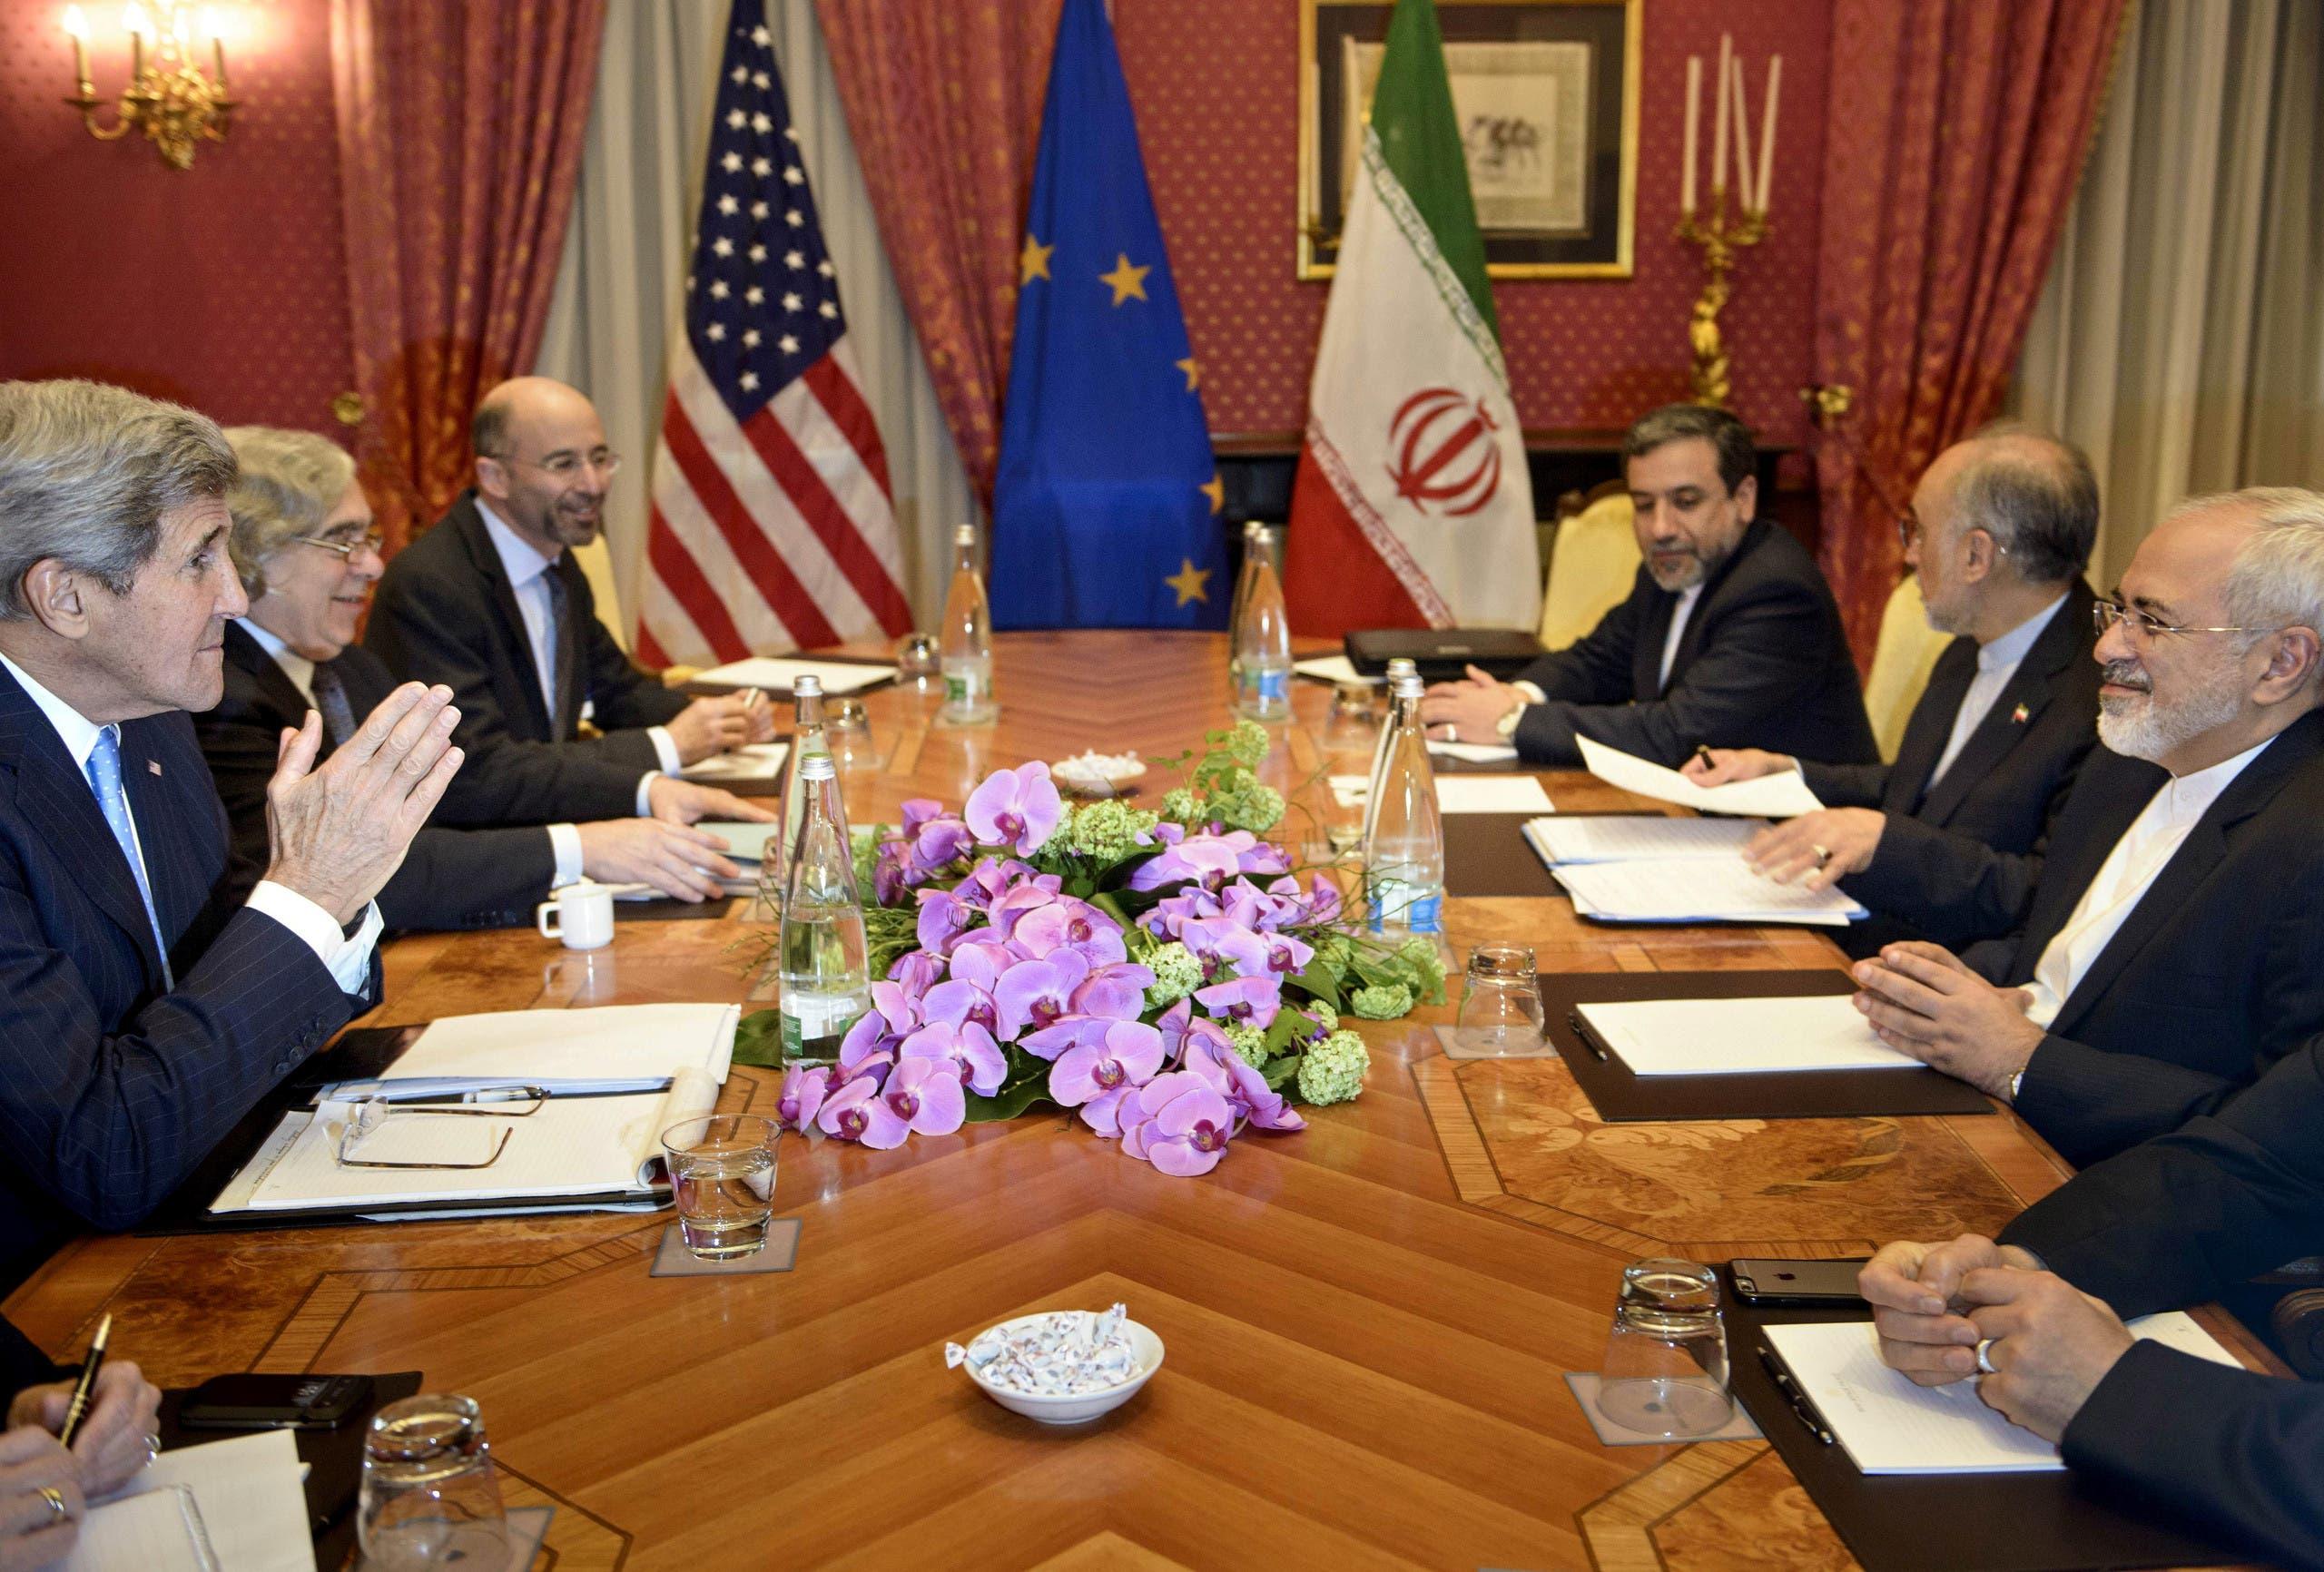 مالي خلال مشاركته باجتماع أميركي إيراني في لوزان في مارس 2015 تمهيداً للاتفاق النووي في عهد إدارة أوباما